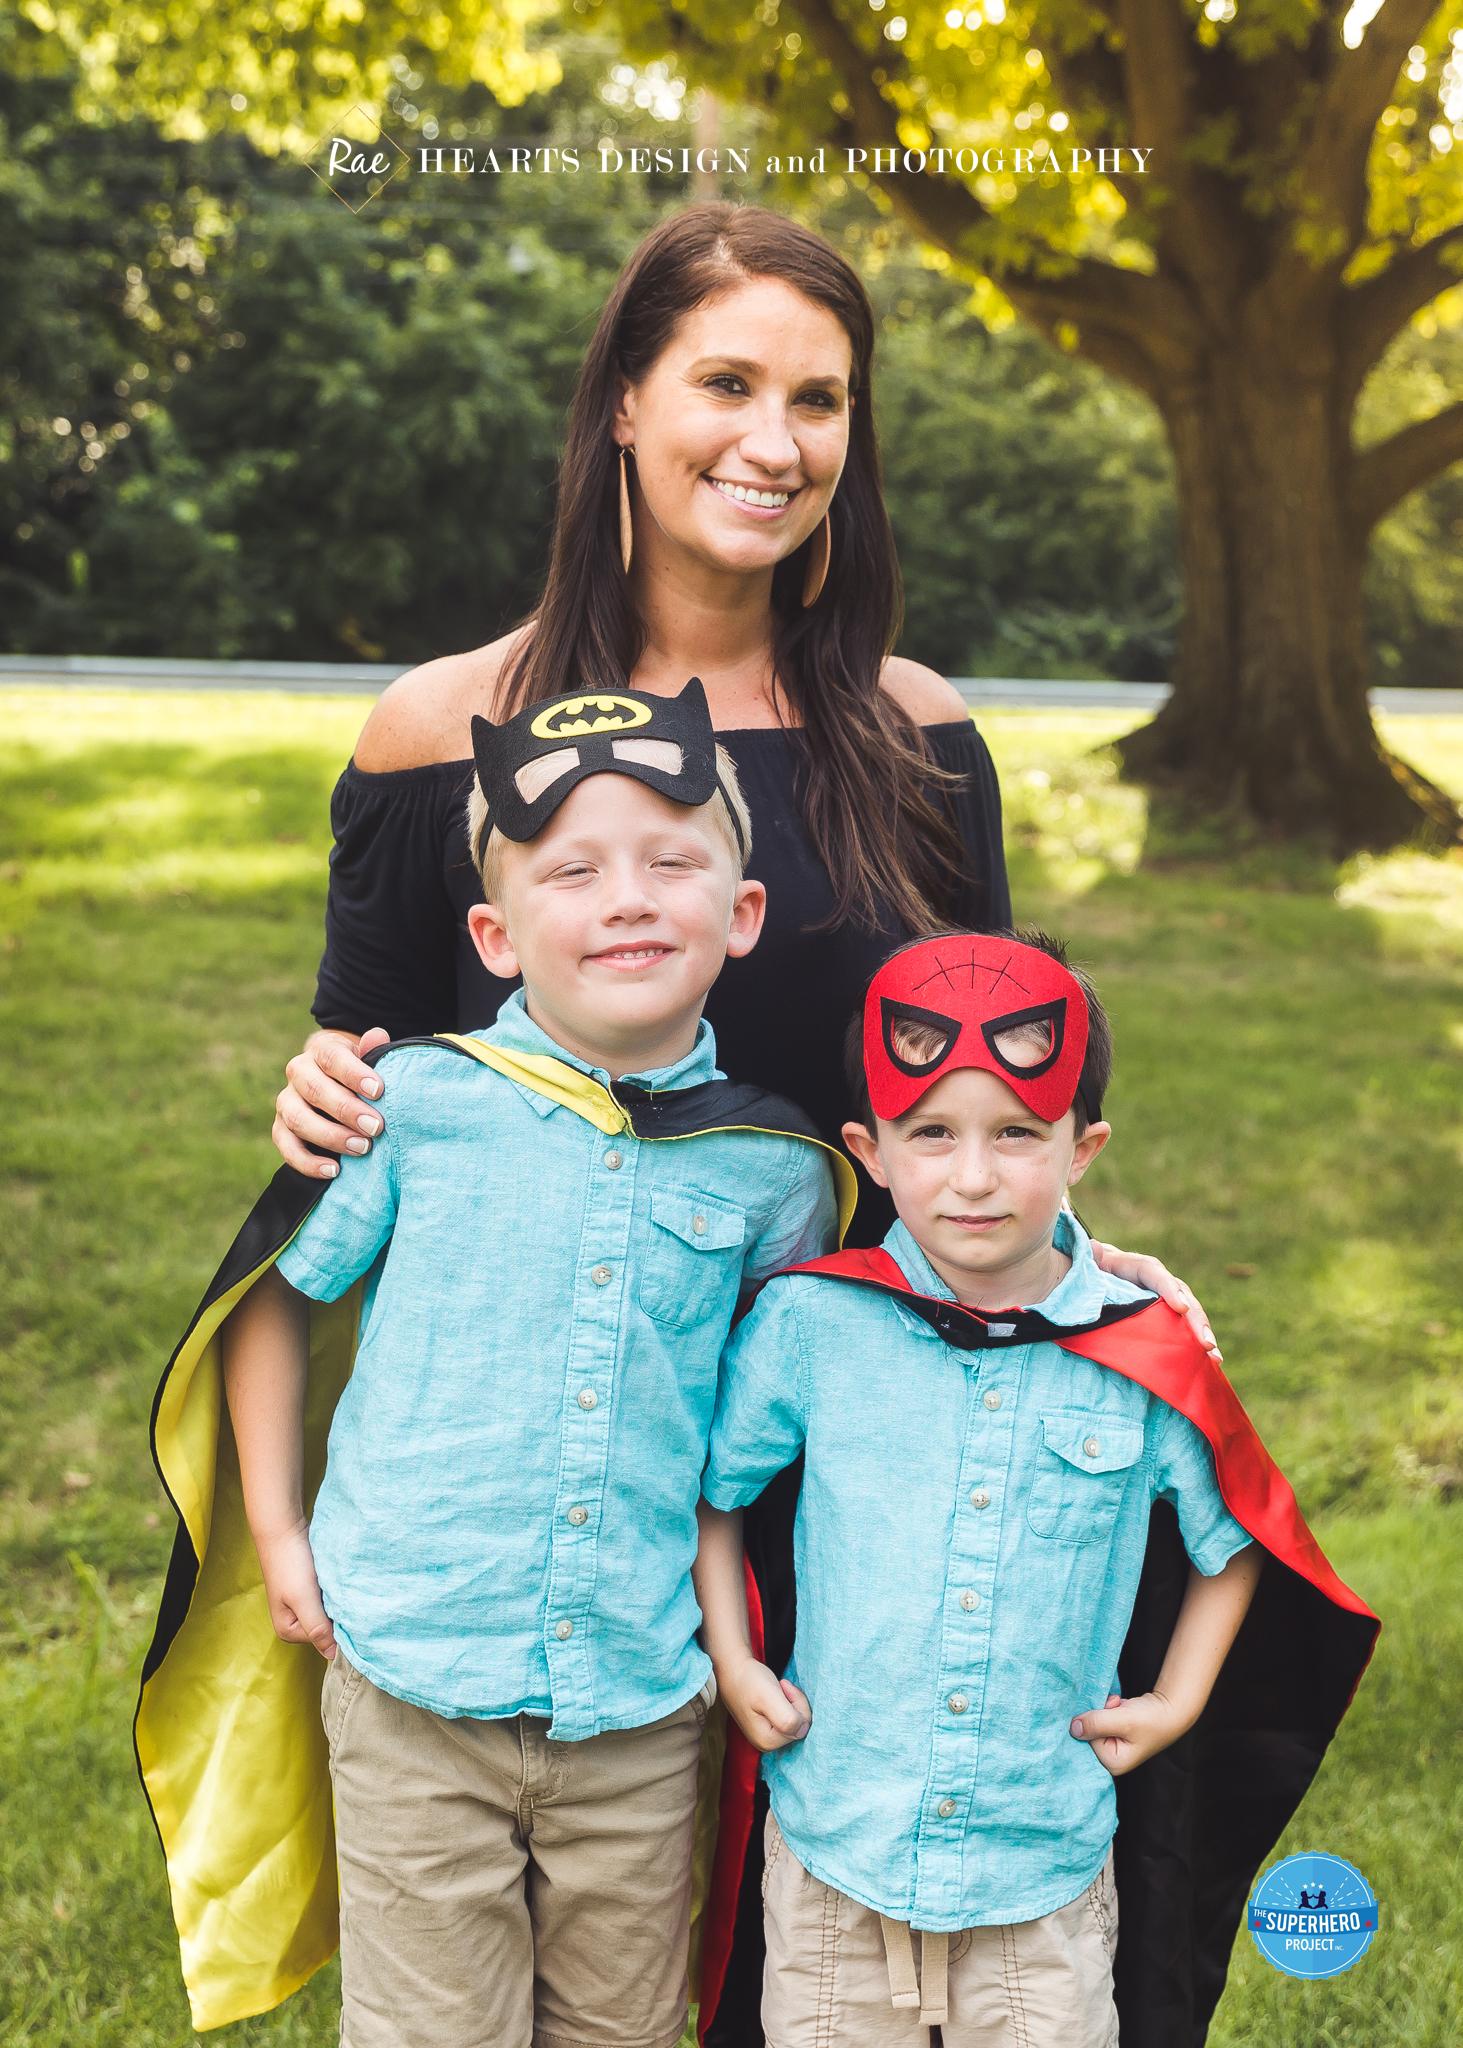 sp superhero-10 copy